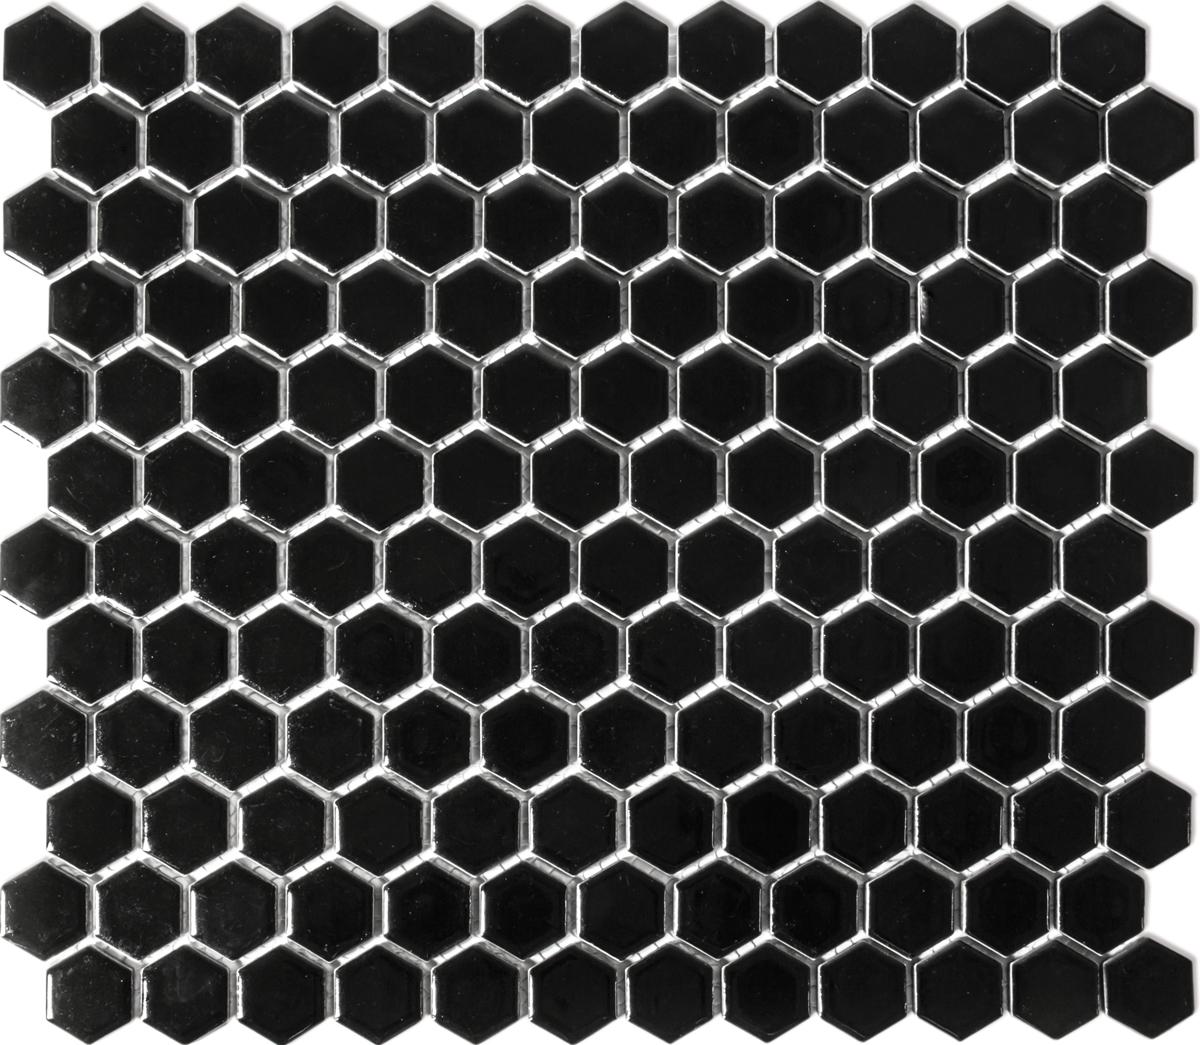 HX060[OUTLET], Hexagon, Musta, lattia,mosaiikki